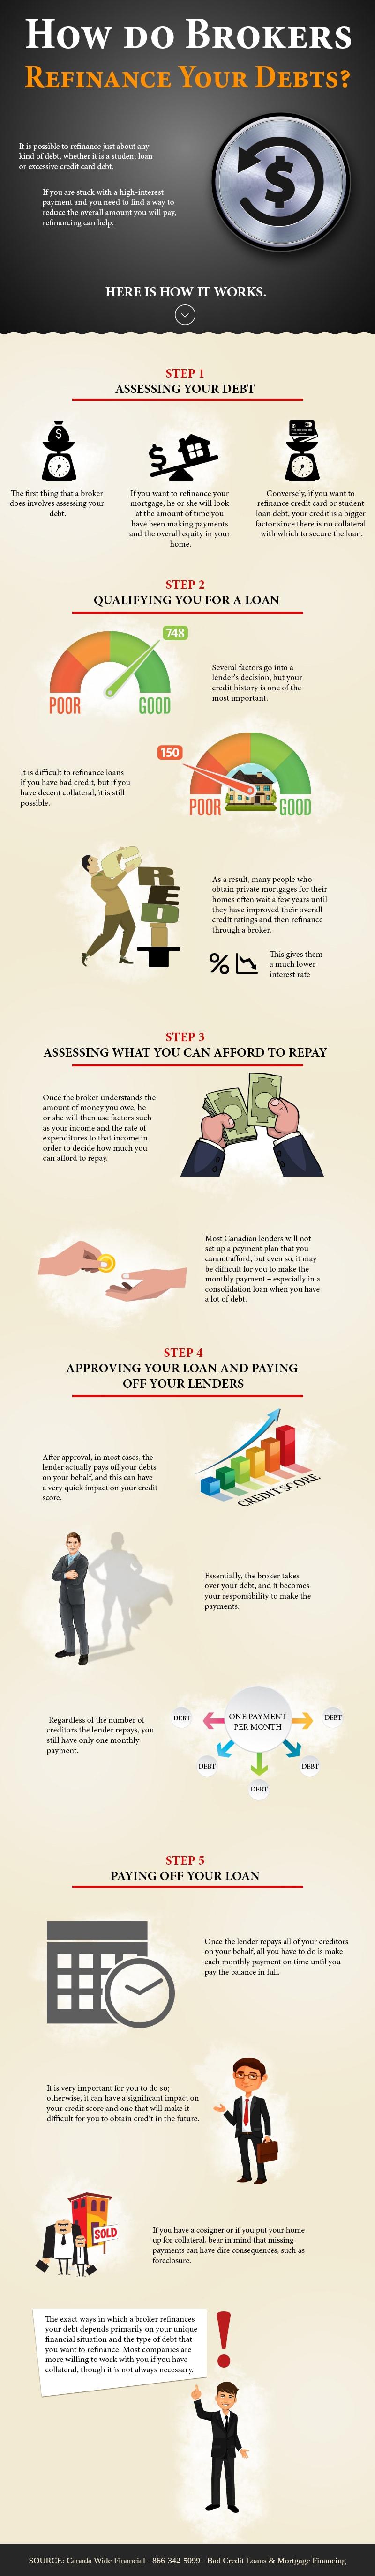 How do Brokers Refinance Your Debts?